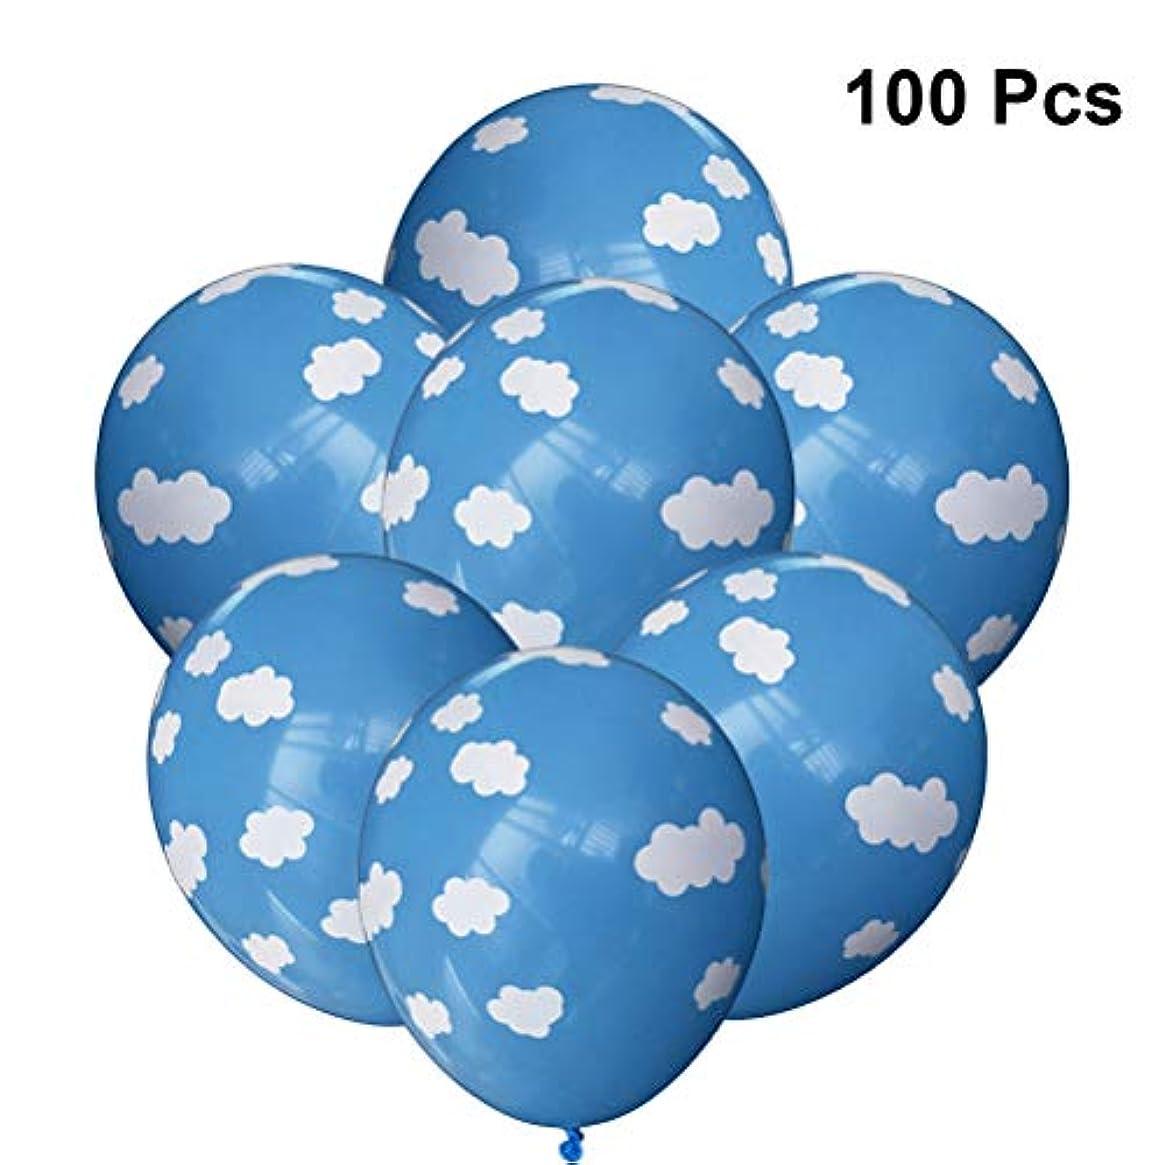 エスカレートアーティキュレーションポンドLEDMOMO LEDMOMO 100個バルーン空雲プリントラテックス風船パーティー結婚式の装飾12インチ(ブルー)